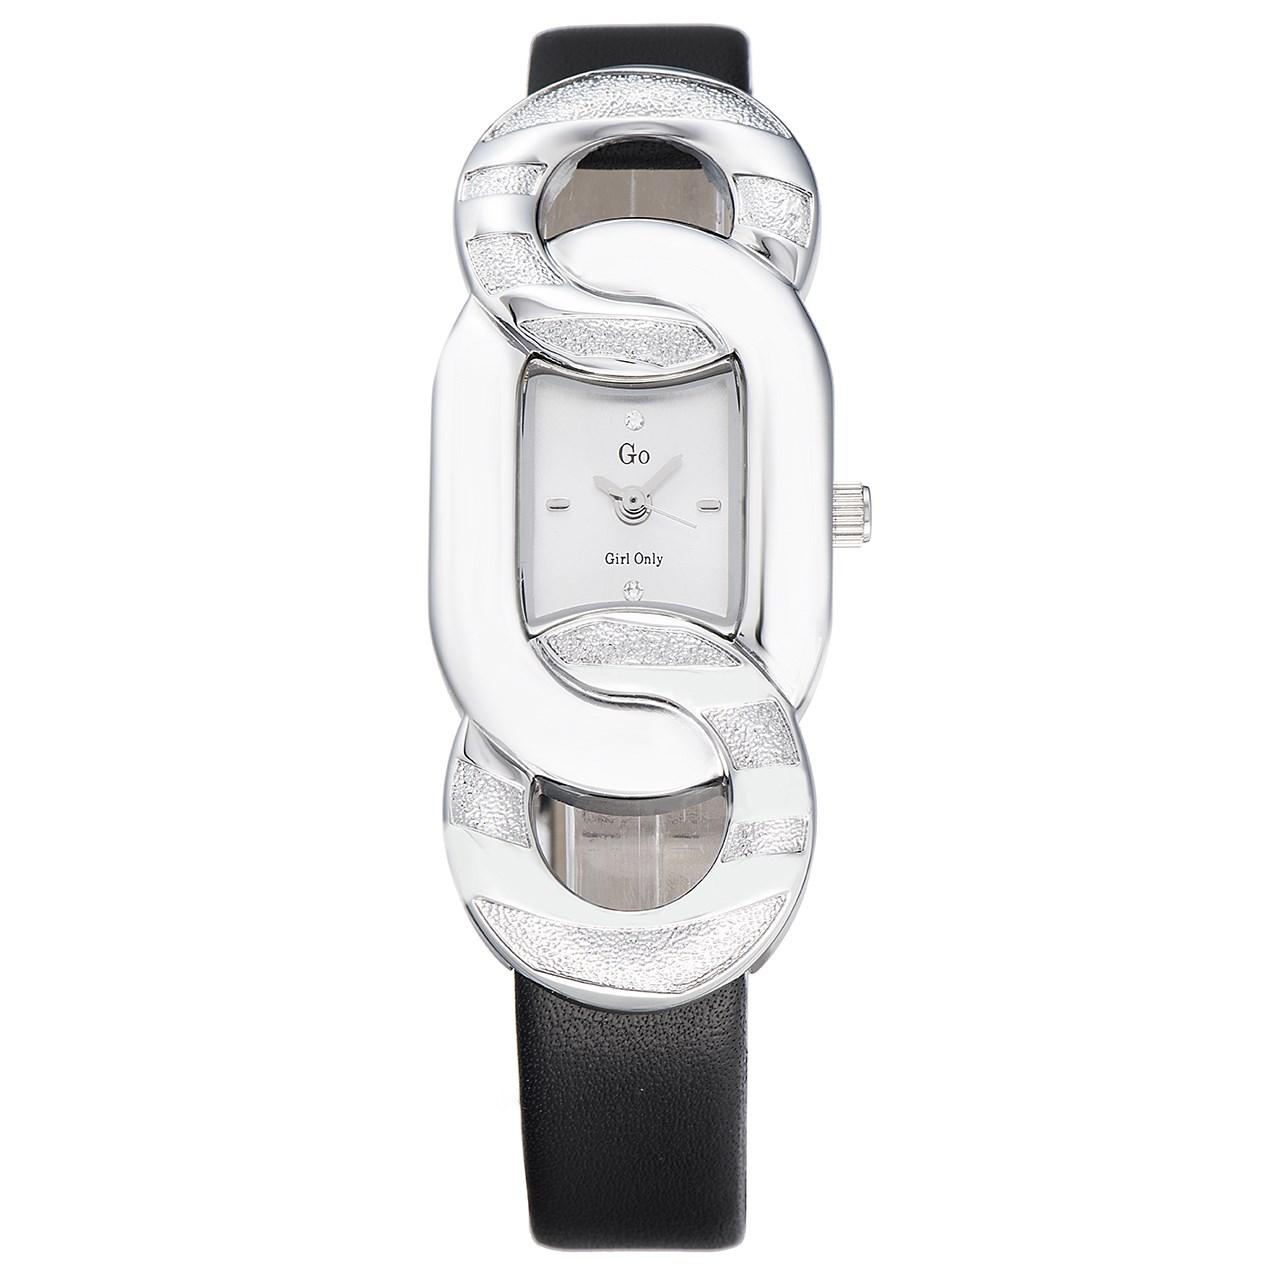 خرید ساعت مچی عقربه ای زنانه جی او مدل 697481